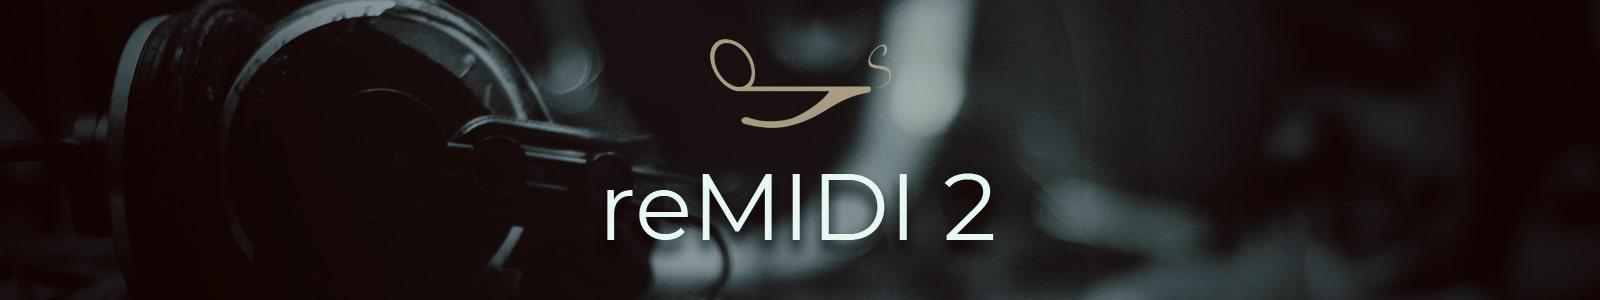 remidi 2